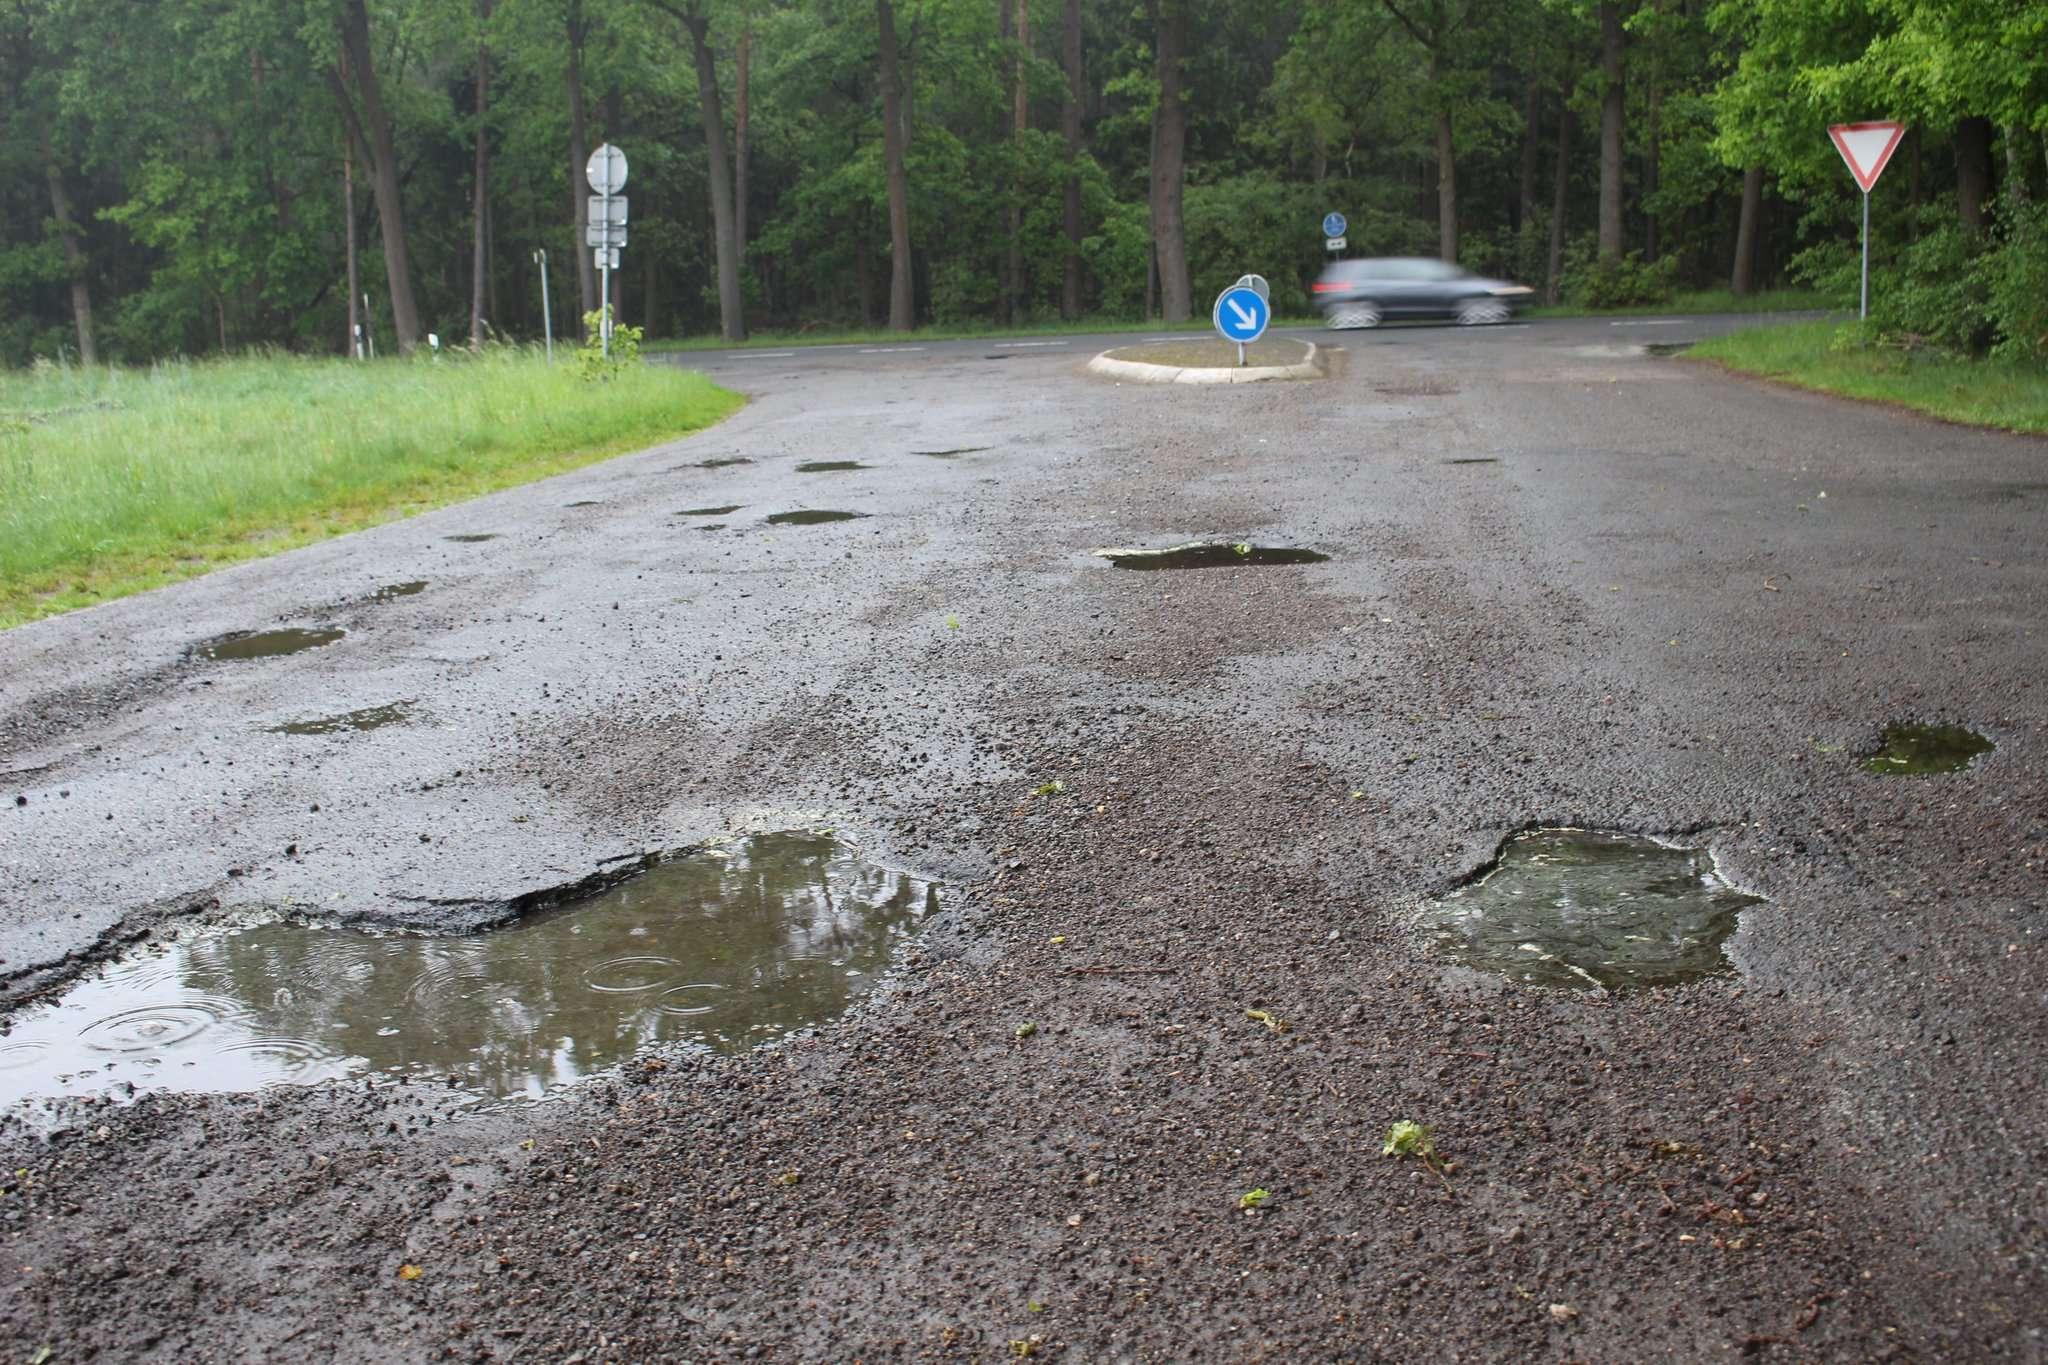 Die Einmündung beim ehemaligen Bundeswehrareal bei Hiddingen ist ebenfalls Teil der Planungen. Foto: Henning Leeske